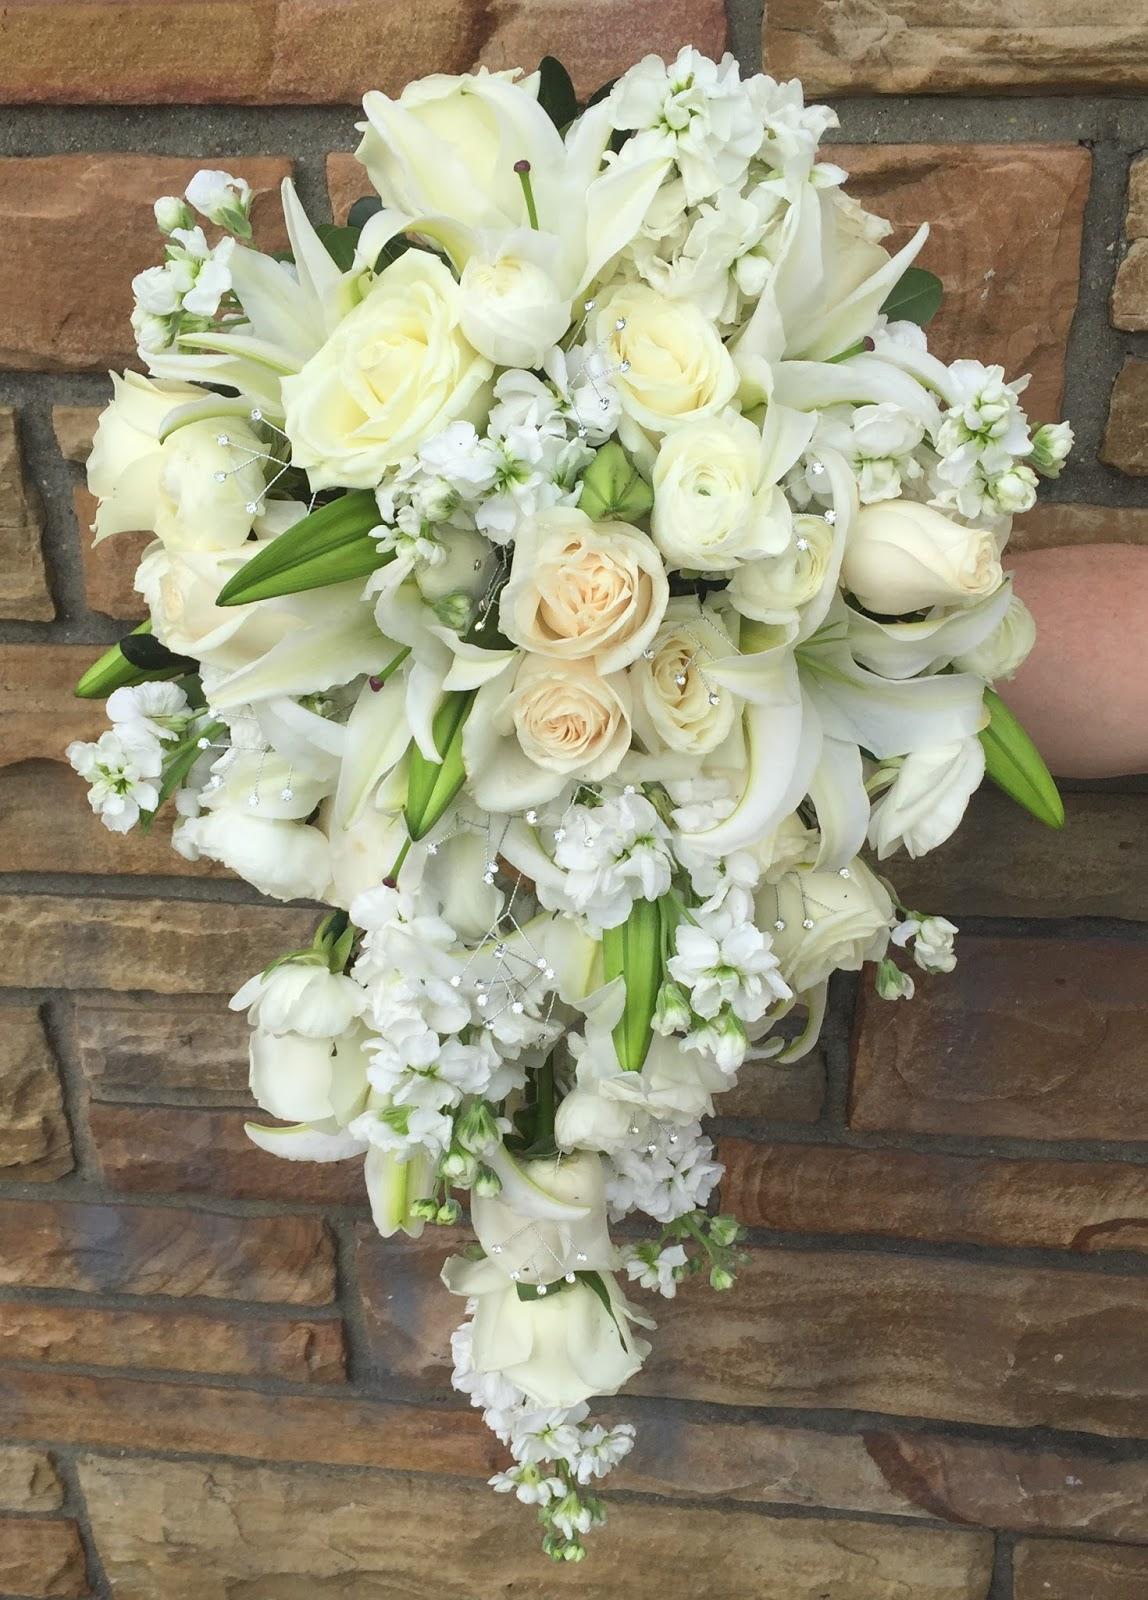 مدل دسته گل عروس آبشاری با رز سفید 2017